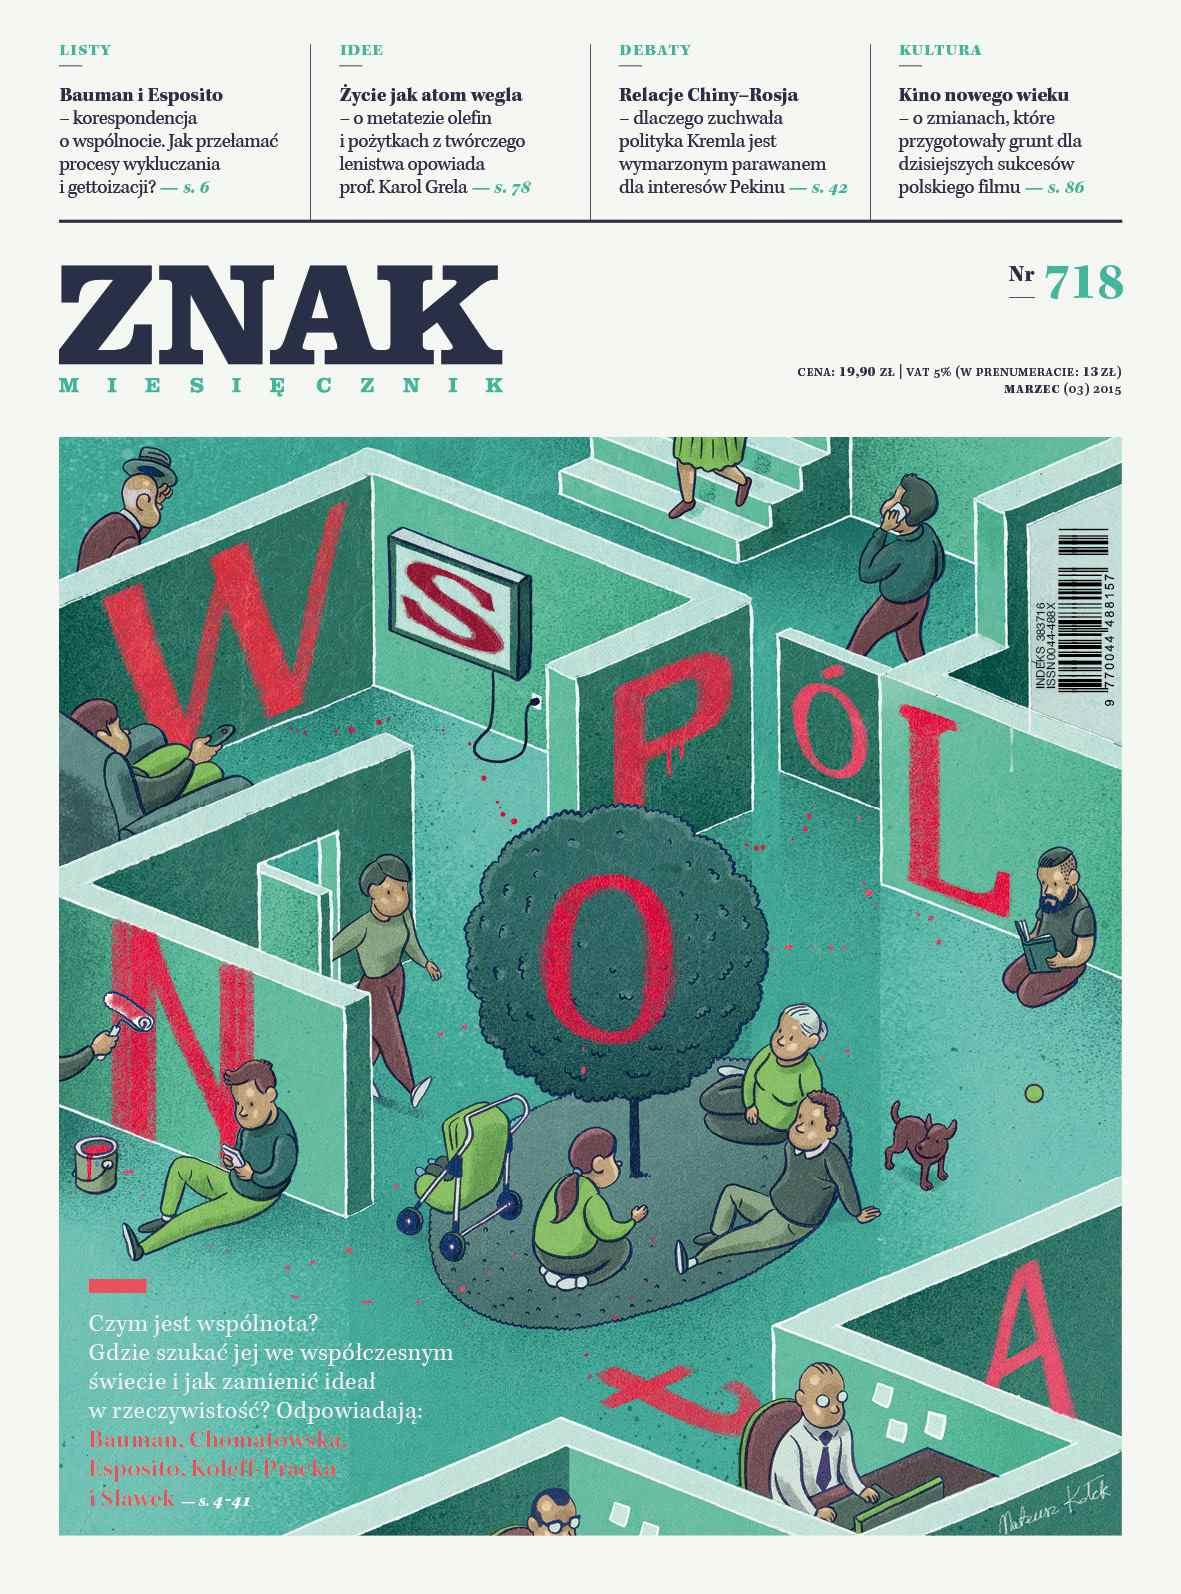 Miesięcznik Znak. Marzec 2015 - Ebook (Książka EPUB) do pobrania w formacie EPUB